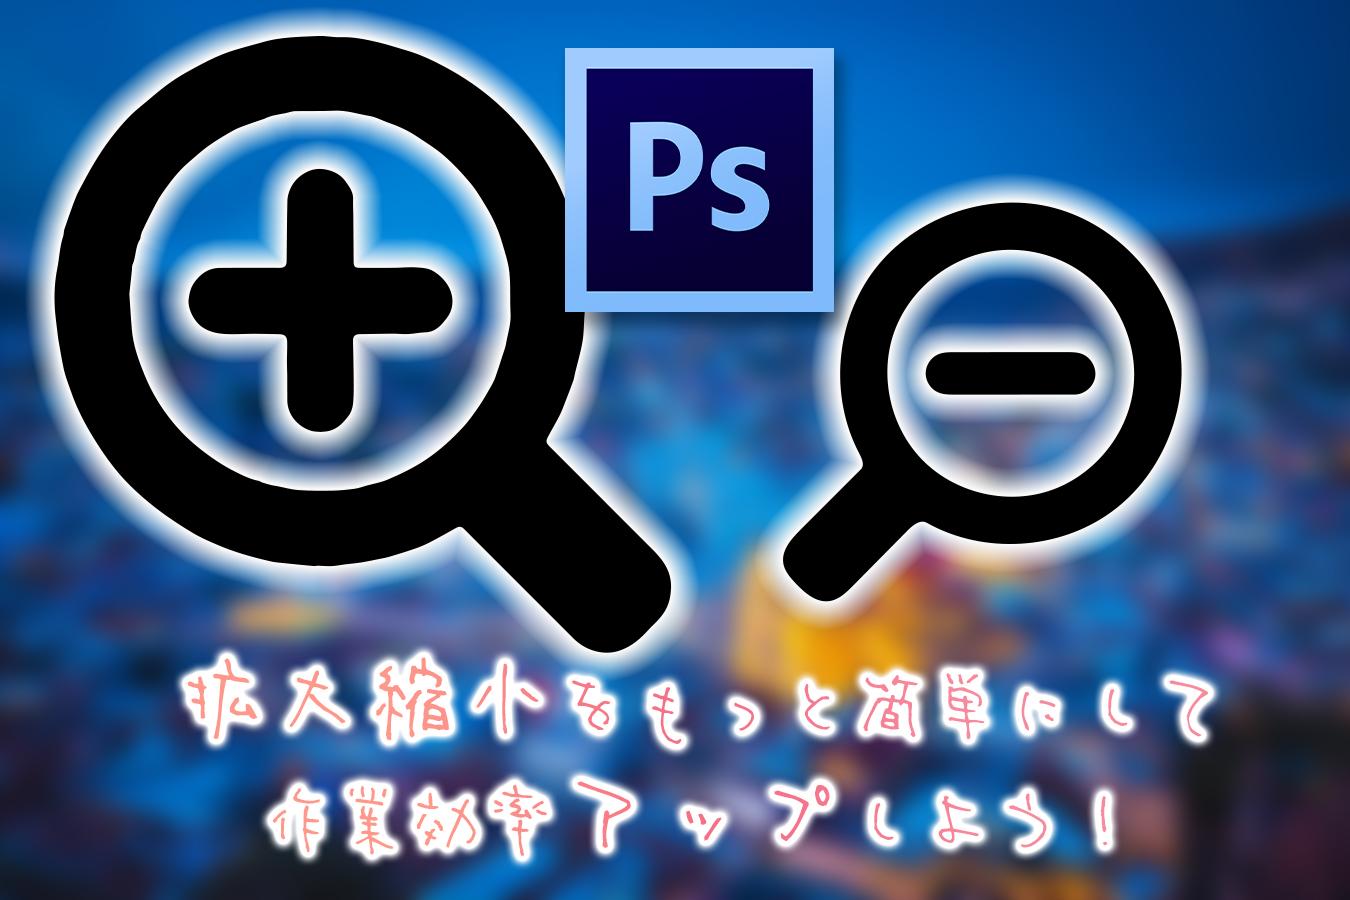 拡大縮小をもっと簡単にして作業効率アップしよう!【Photoshop作業効率化】